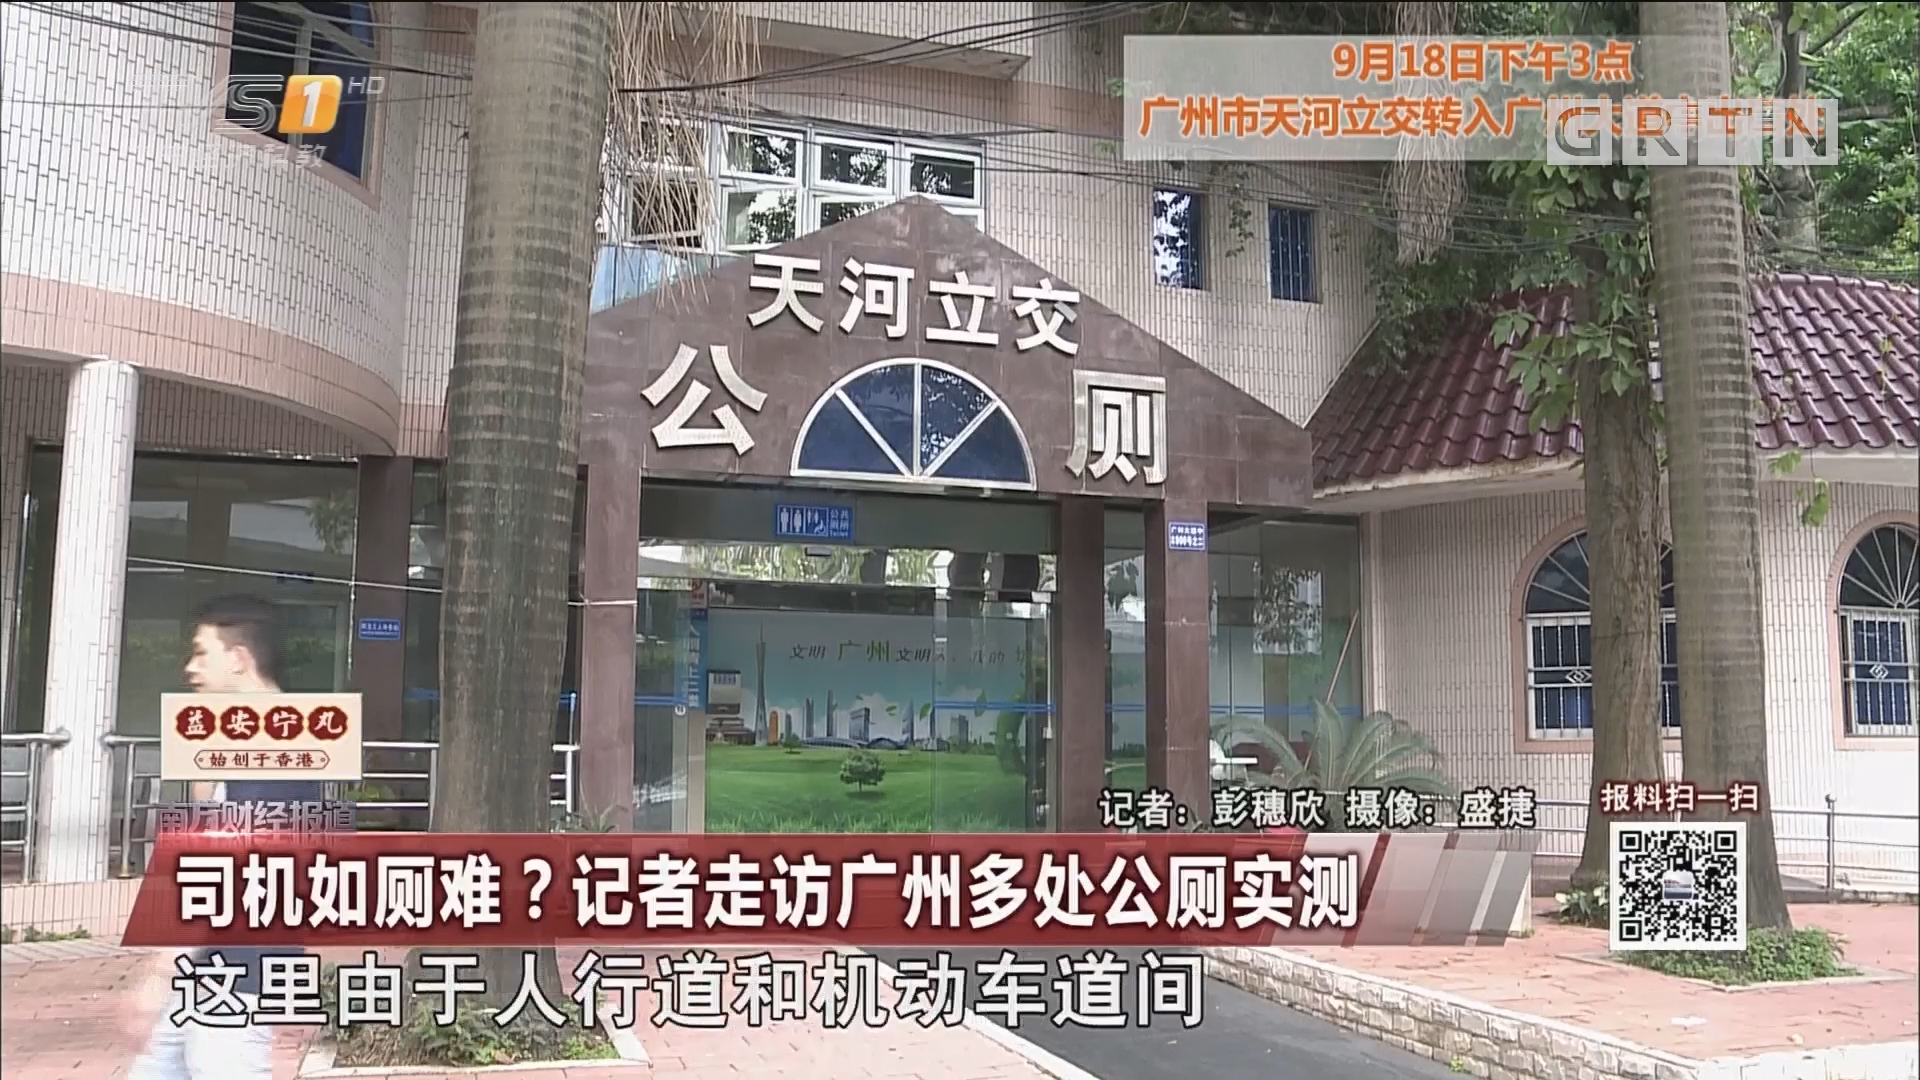 司机如厕难?记者走访广州多处公厕实测